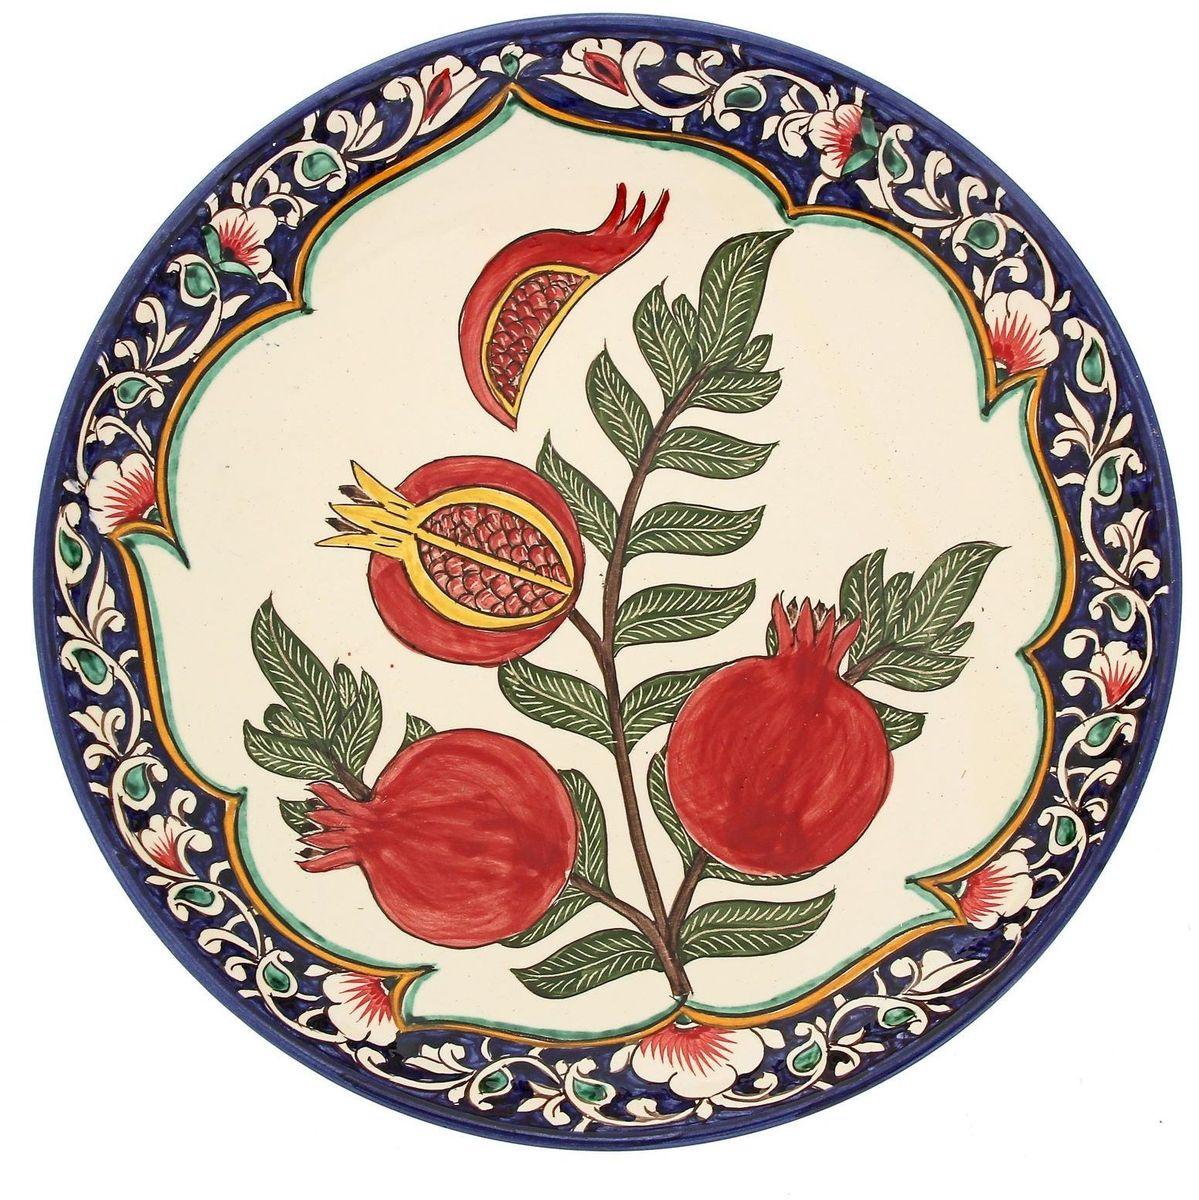 Ляган Риштанская керамика Гранаты, диаметр 31 см1924241Ляган — это не просто обеденный атрибут, это украшение стола. Посуда с национальной росписью станет отменным подарком для ценителей высокородной посуды.Риштан — город на востоке Узбекистана, один из древнейших в Ферганской долине. С давних времён Риштан славится своим гончарным искусством изготовления цветной керамики. Красноватую глину для изделия добывают в самом городе. Мастера утверждают, что их глина настолько высокого качества, что даже не нуждается в предварительной обработке. Дополните коллекцию кухонных аксессуаров пряными восточными нотами.